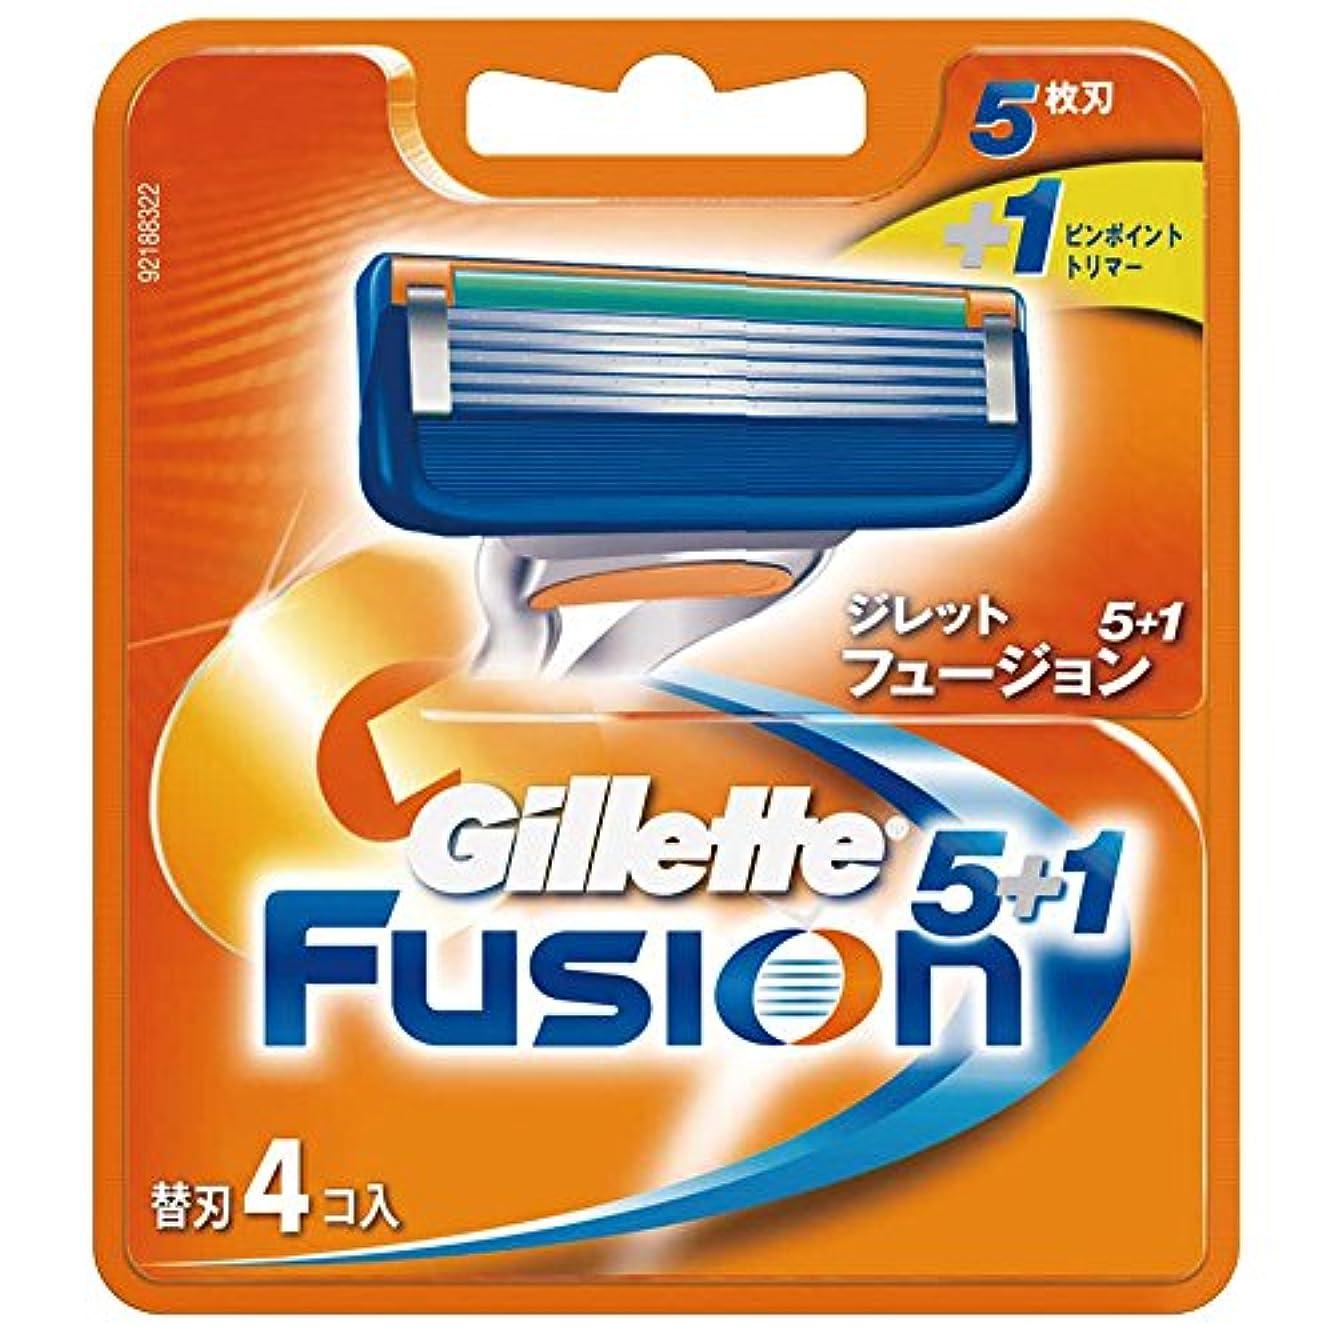 メイト回復電圧ジレット 髭剃り フュージョン5+1 替刃4個入